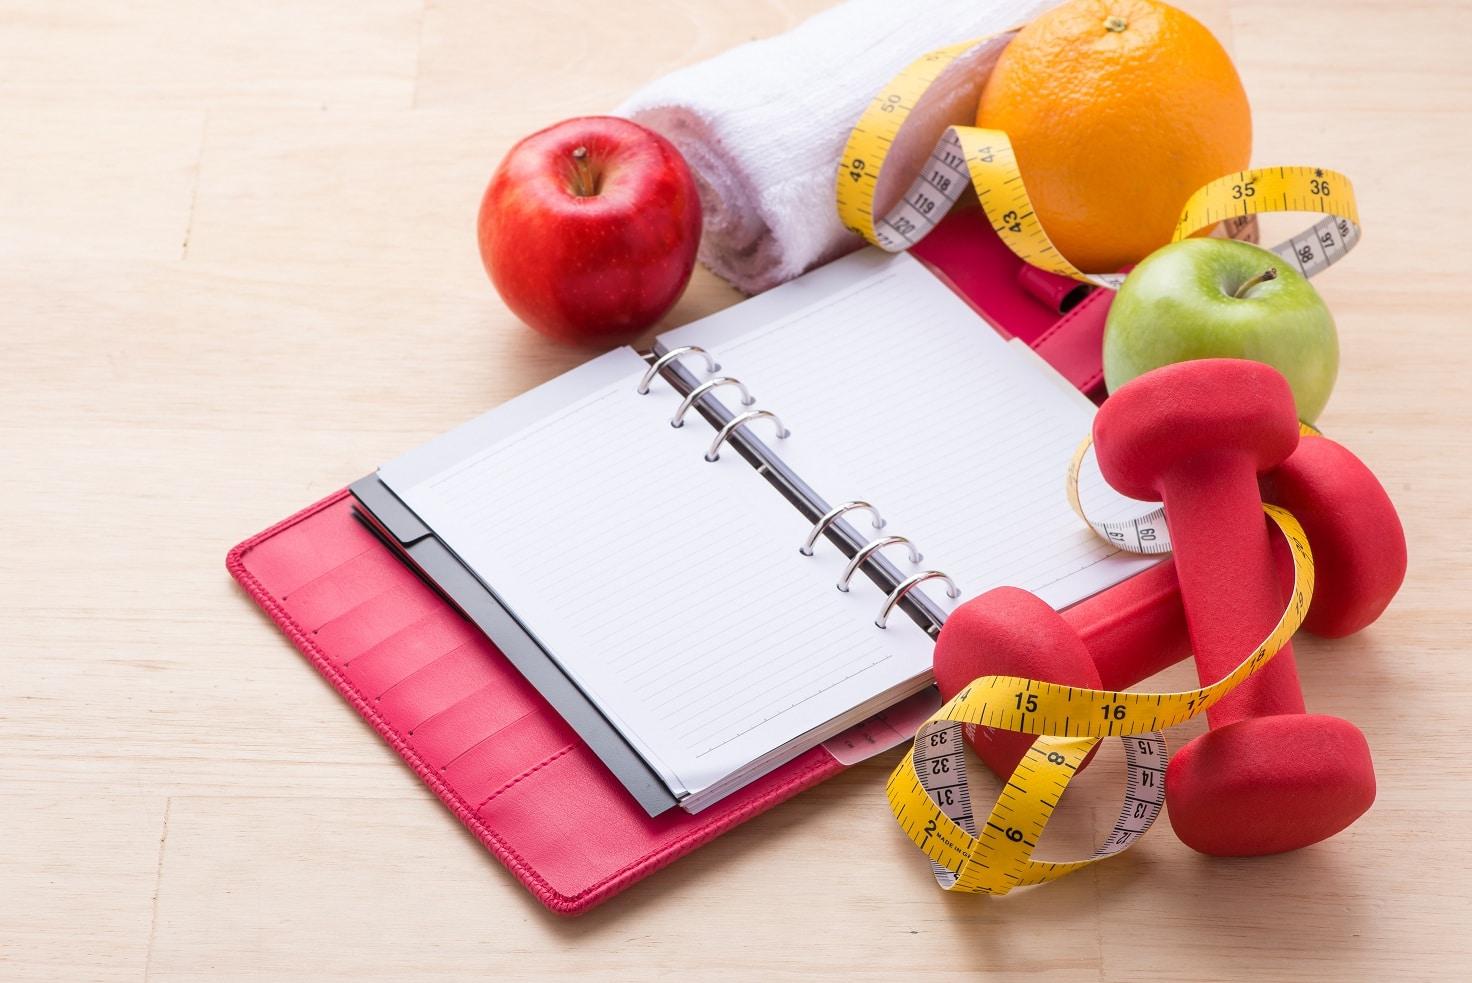 taraji p henson pierdere în greutate Fundația familială de pierdere în greutate bariatrică